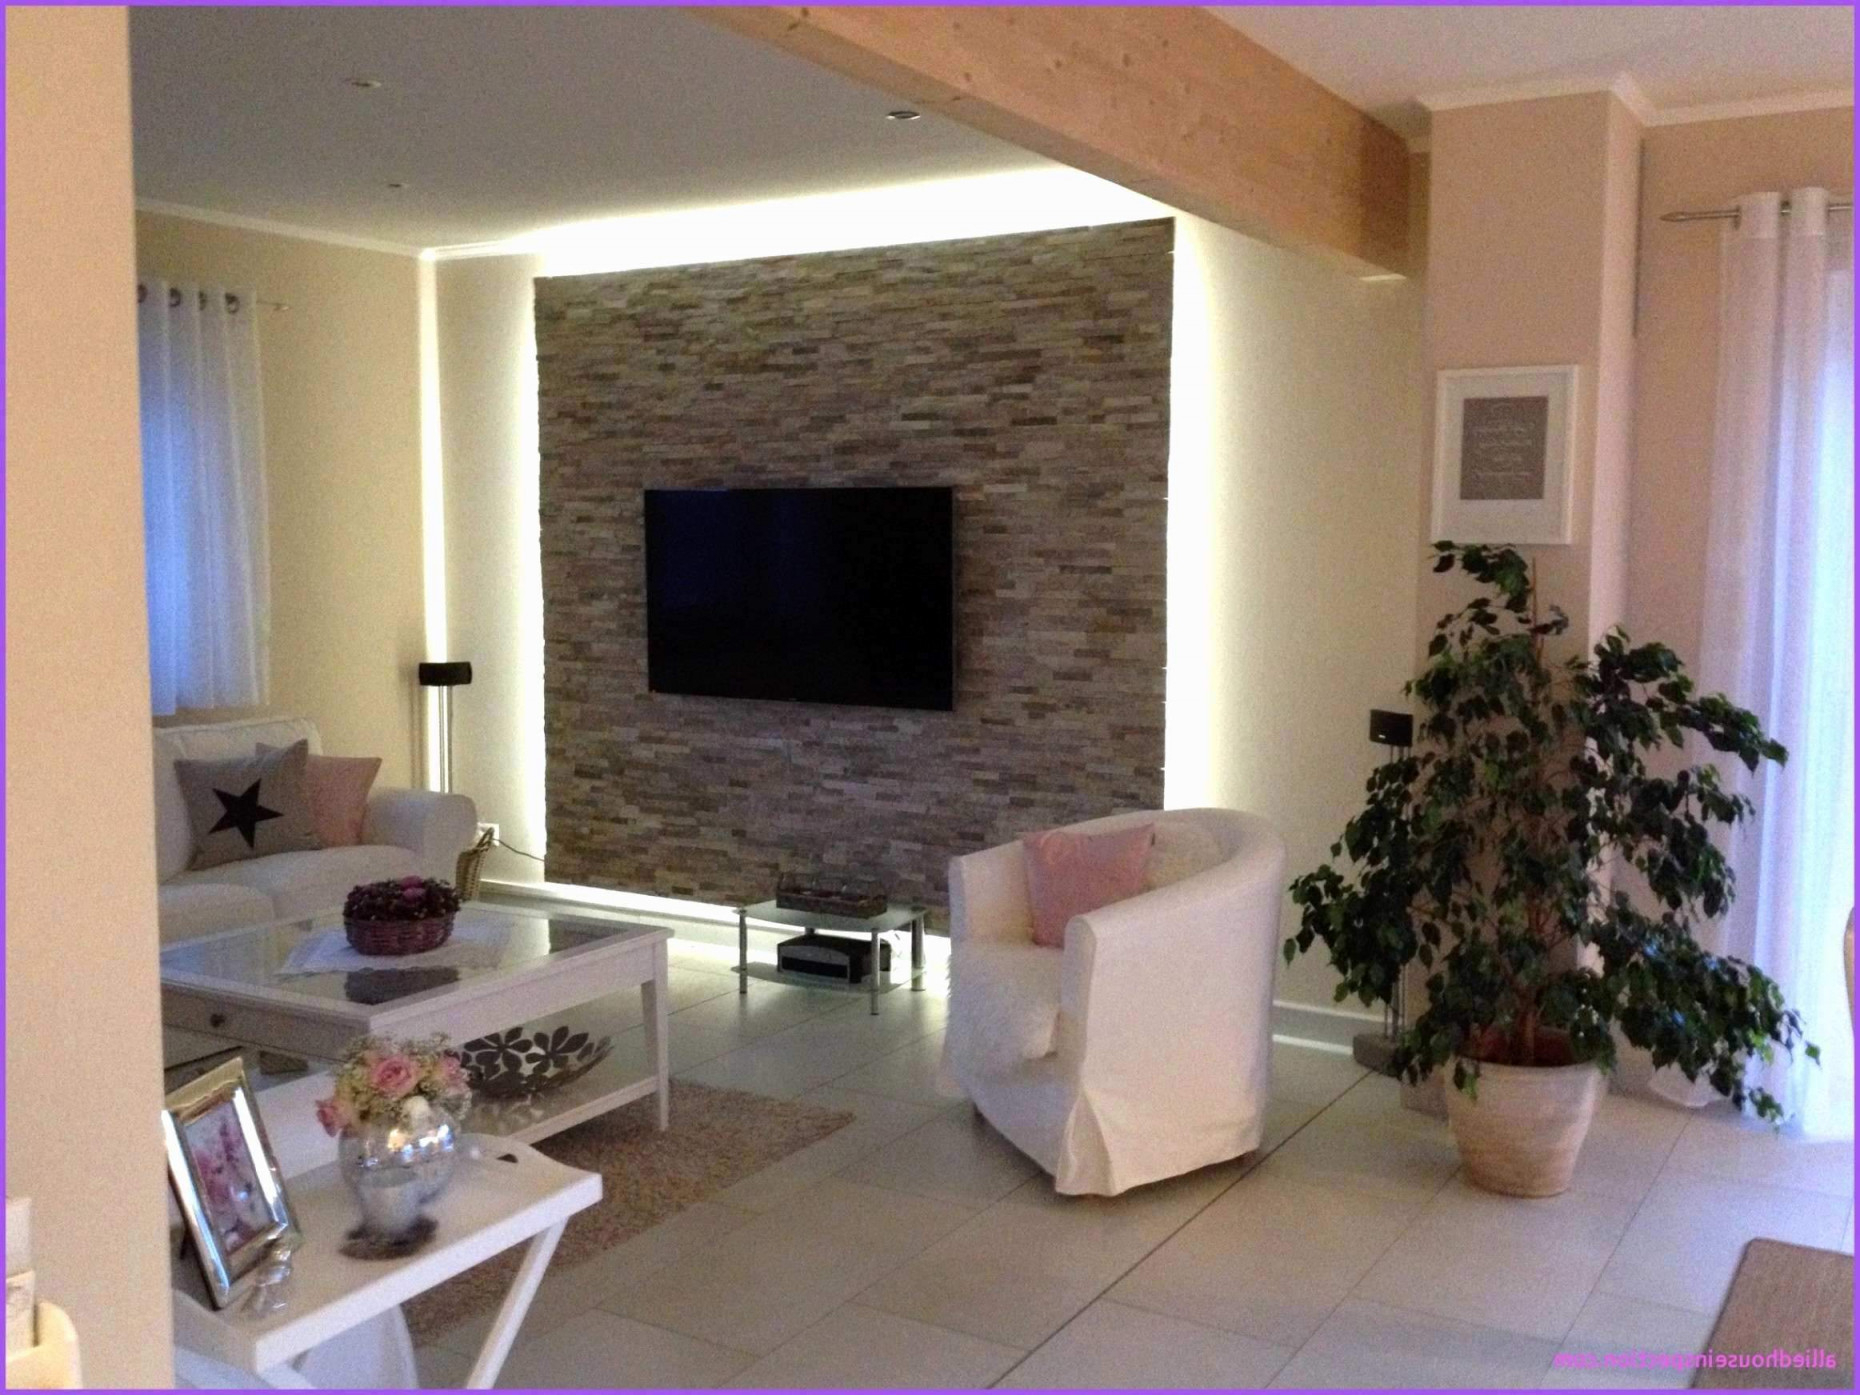 Großes Wohnzimmer Einrichten Einzigartig Wohnzimmer Modern von Großes Wohnzimmer Gestalten Bild